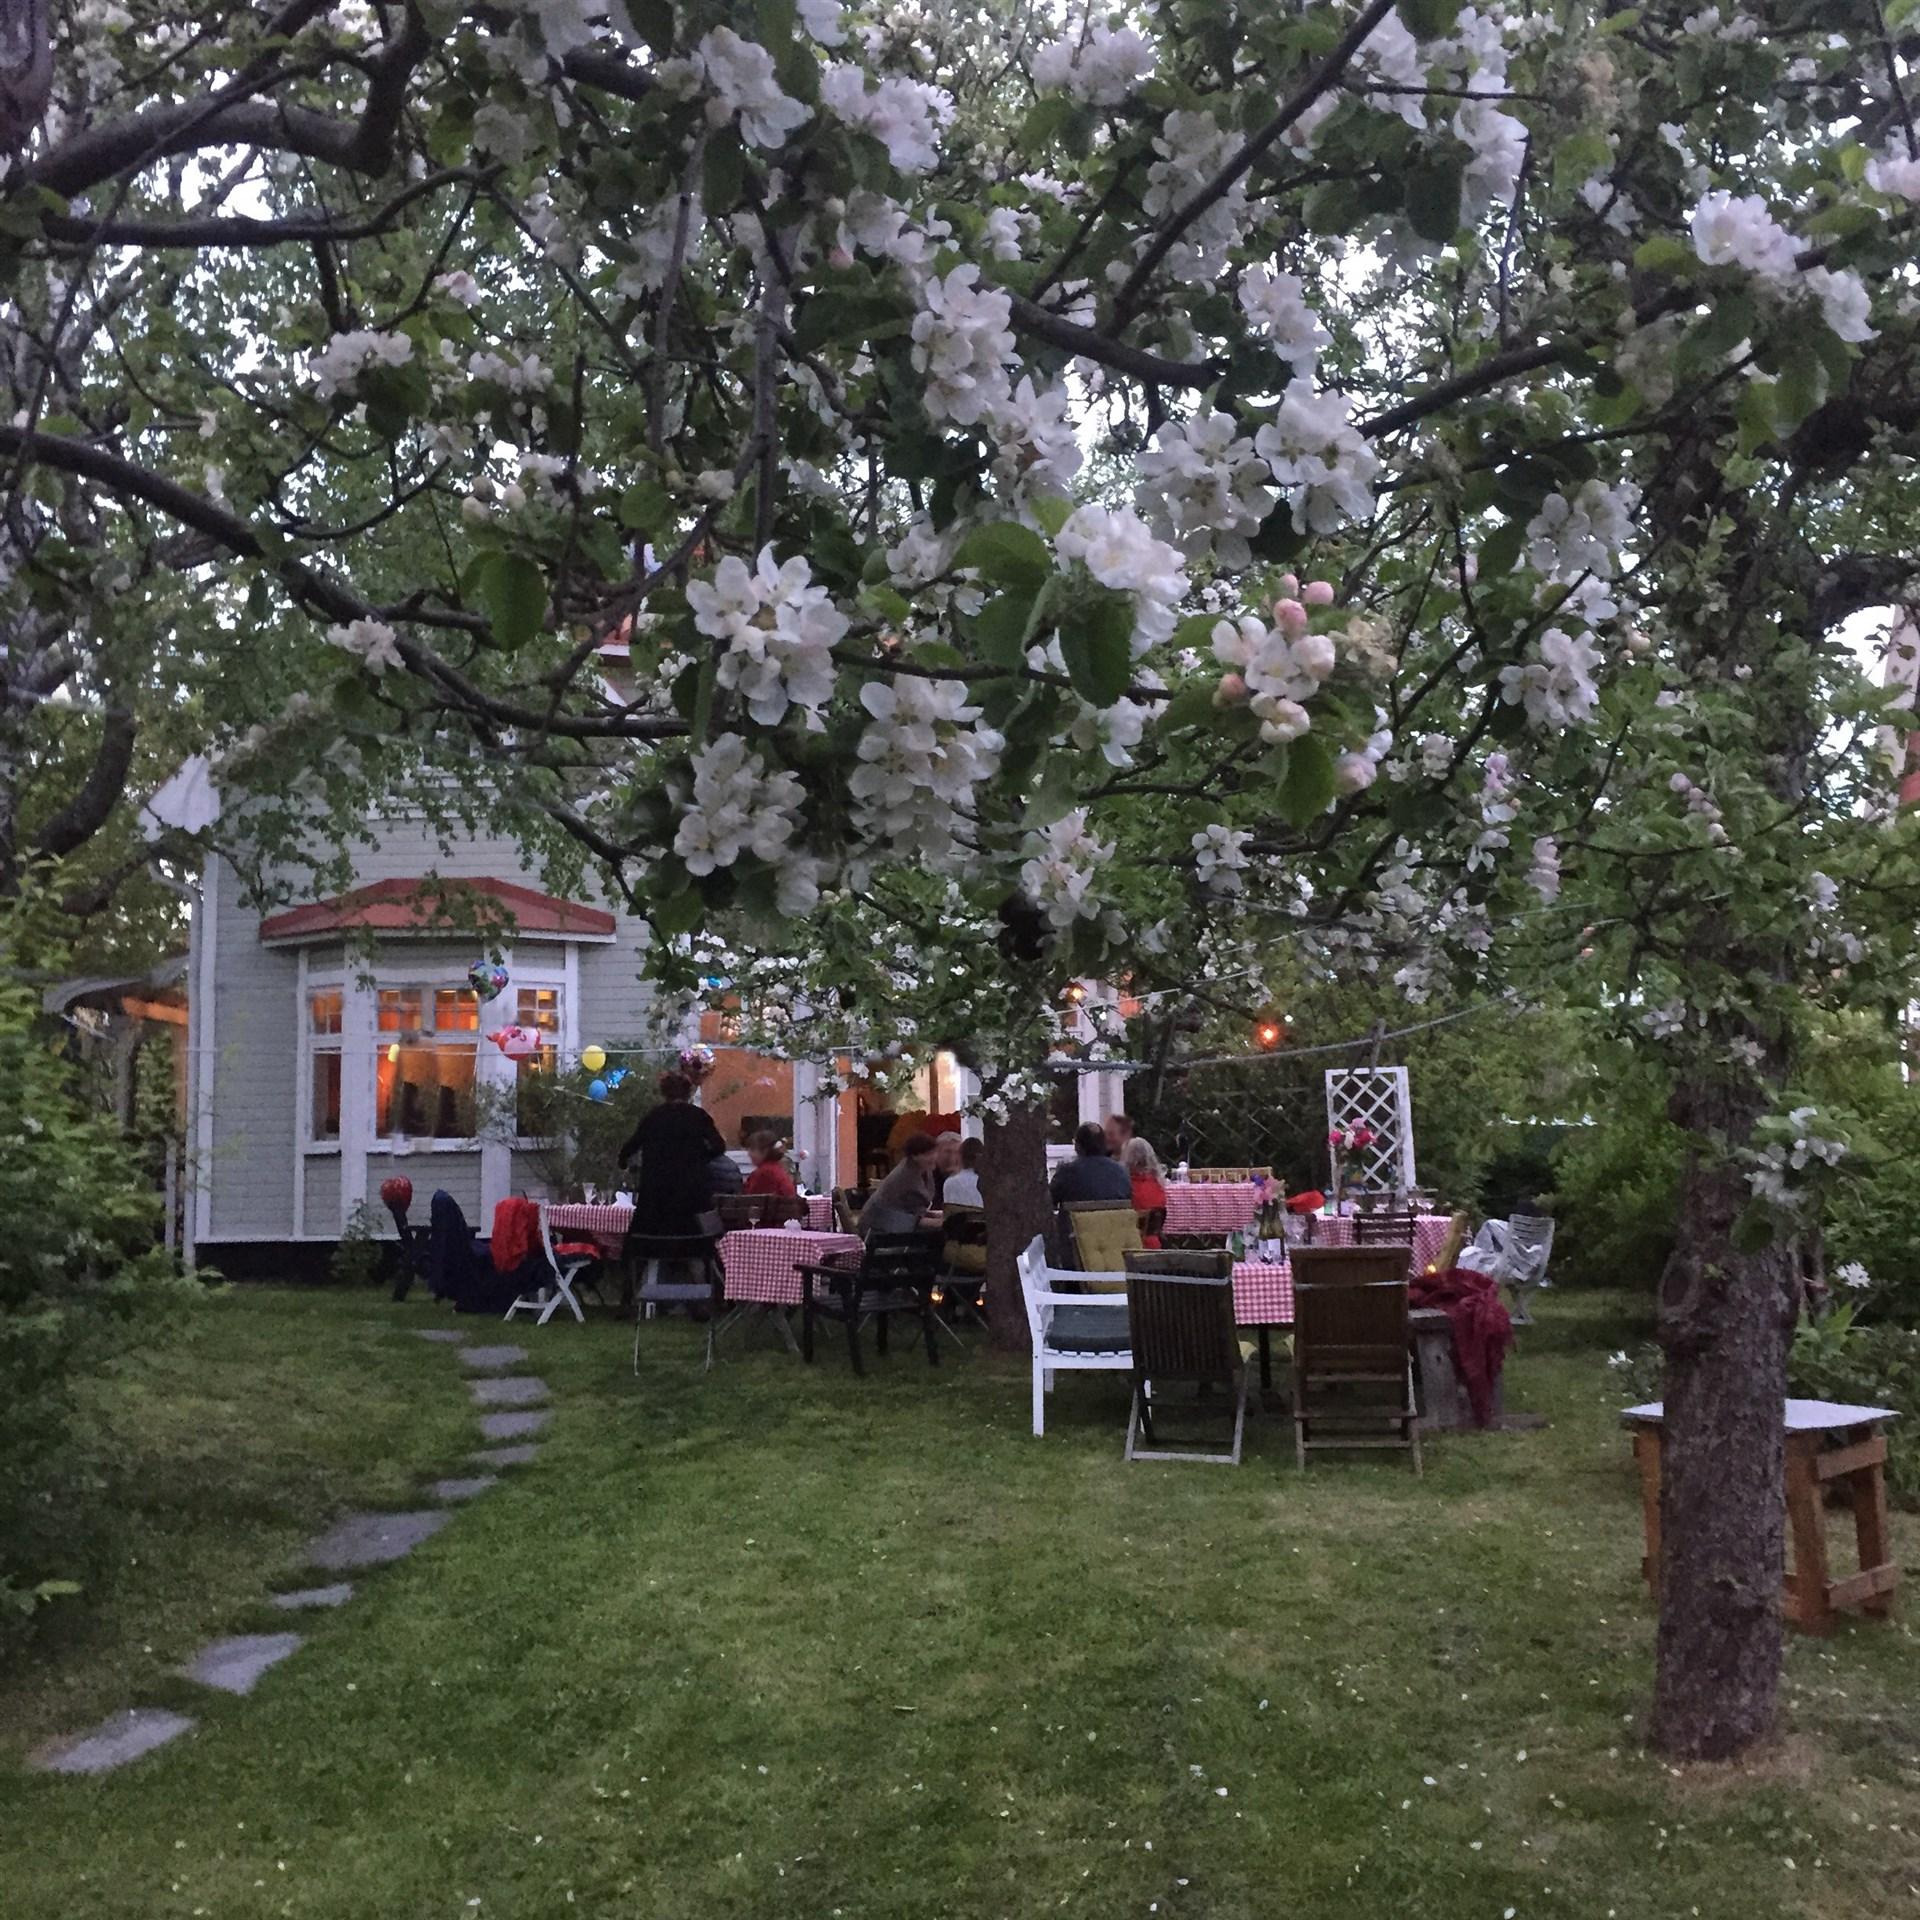 Säljarens egna bilder - att njuta av trädgården tillsammans med släkt och vänner.